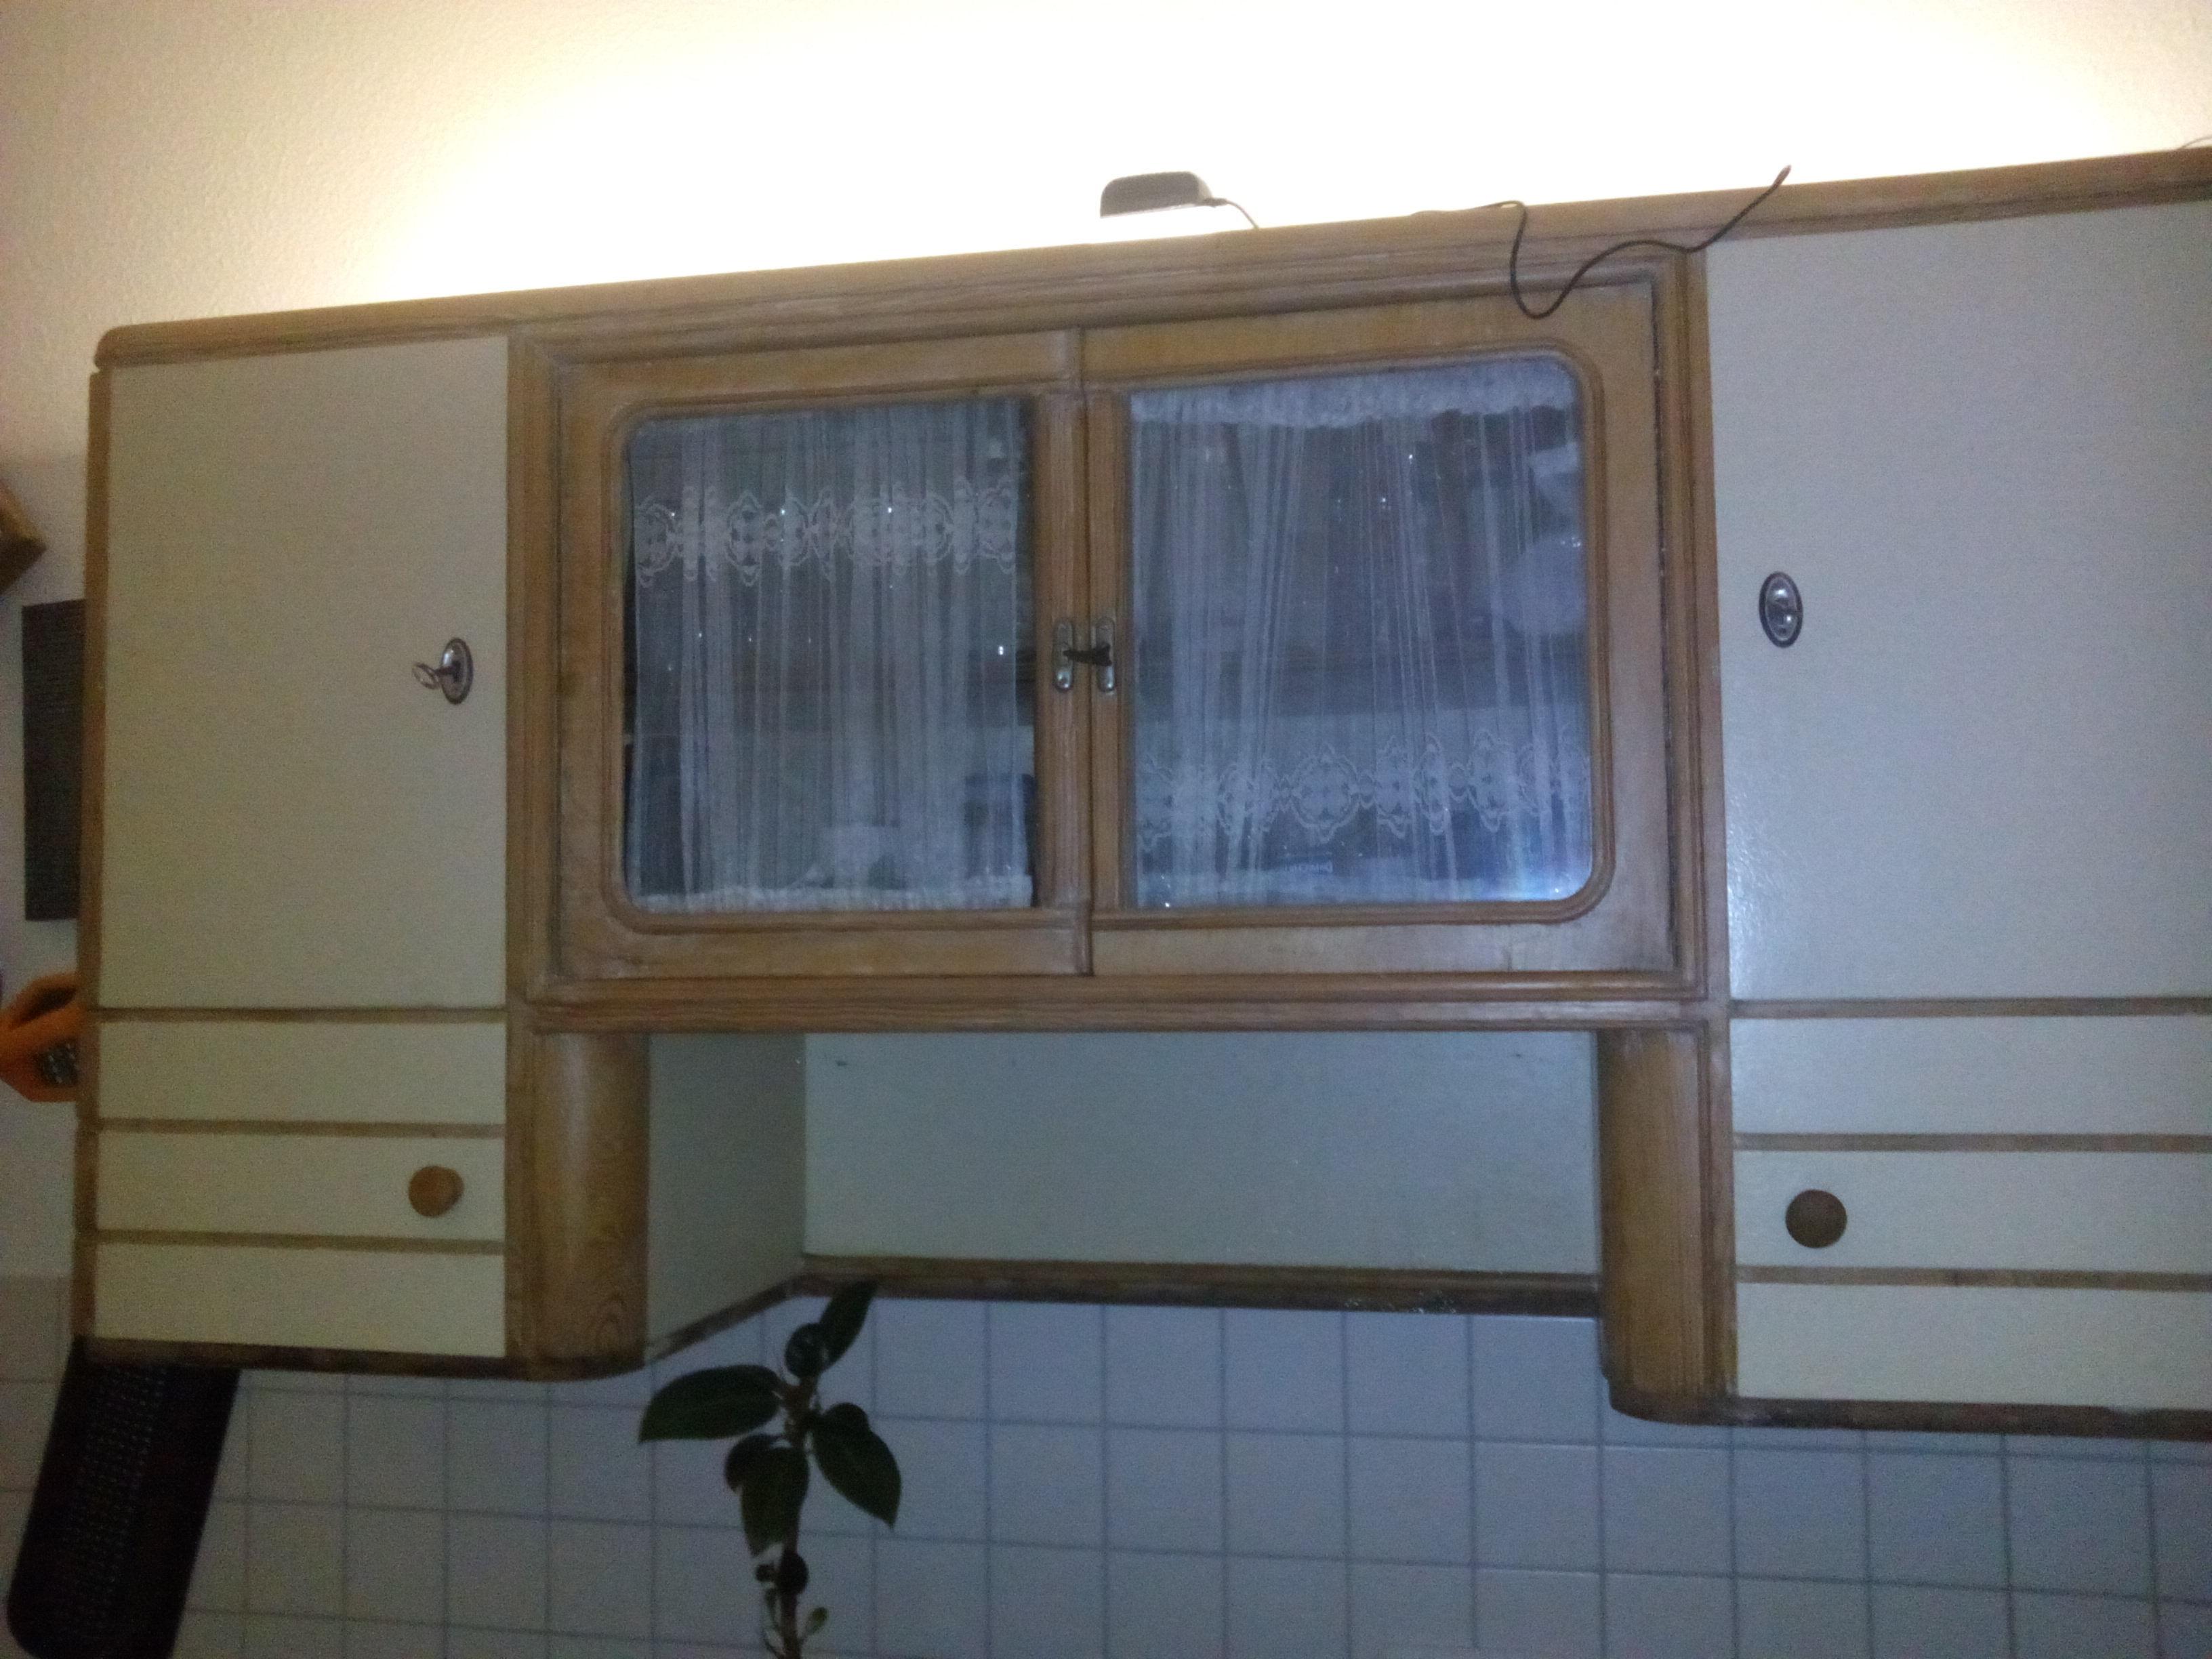 k chenanrichte aus den 50er jahren funktion eies wer weiss. Black Bedroom Furniture Sets. Home Design Ideas